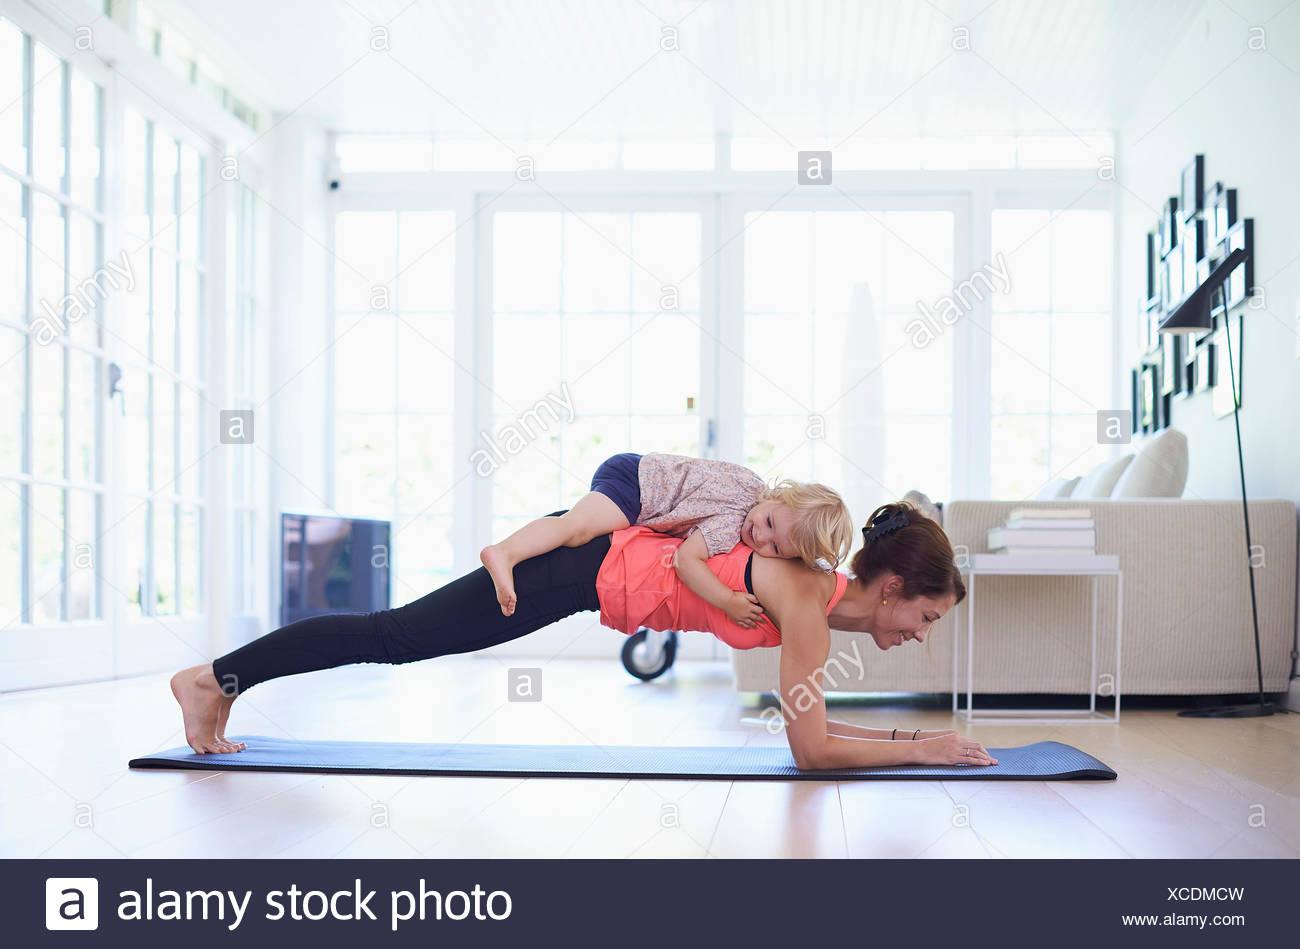 Metà adulto madre la pratica dello yoga con toddler figlia sulla parte superiore della sua Immagini Stock